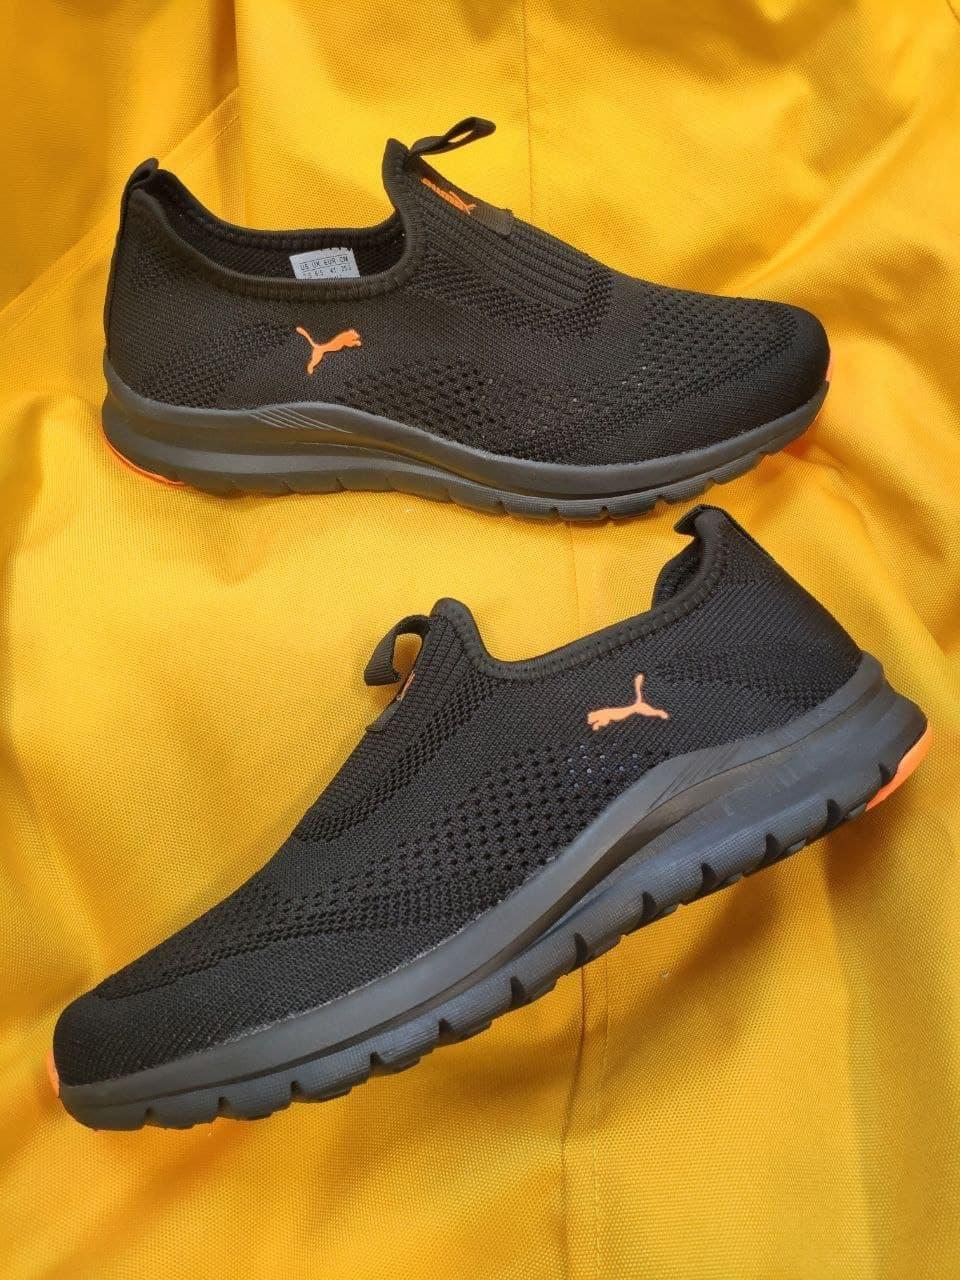 Мужские кроссовки Puma без шнурков (черно-оранжевые) D91 летние легкие спортивные кроссы